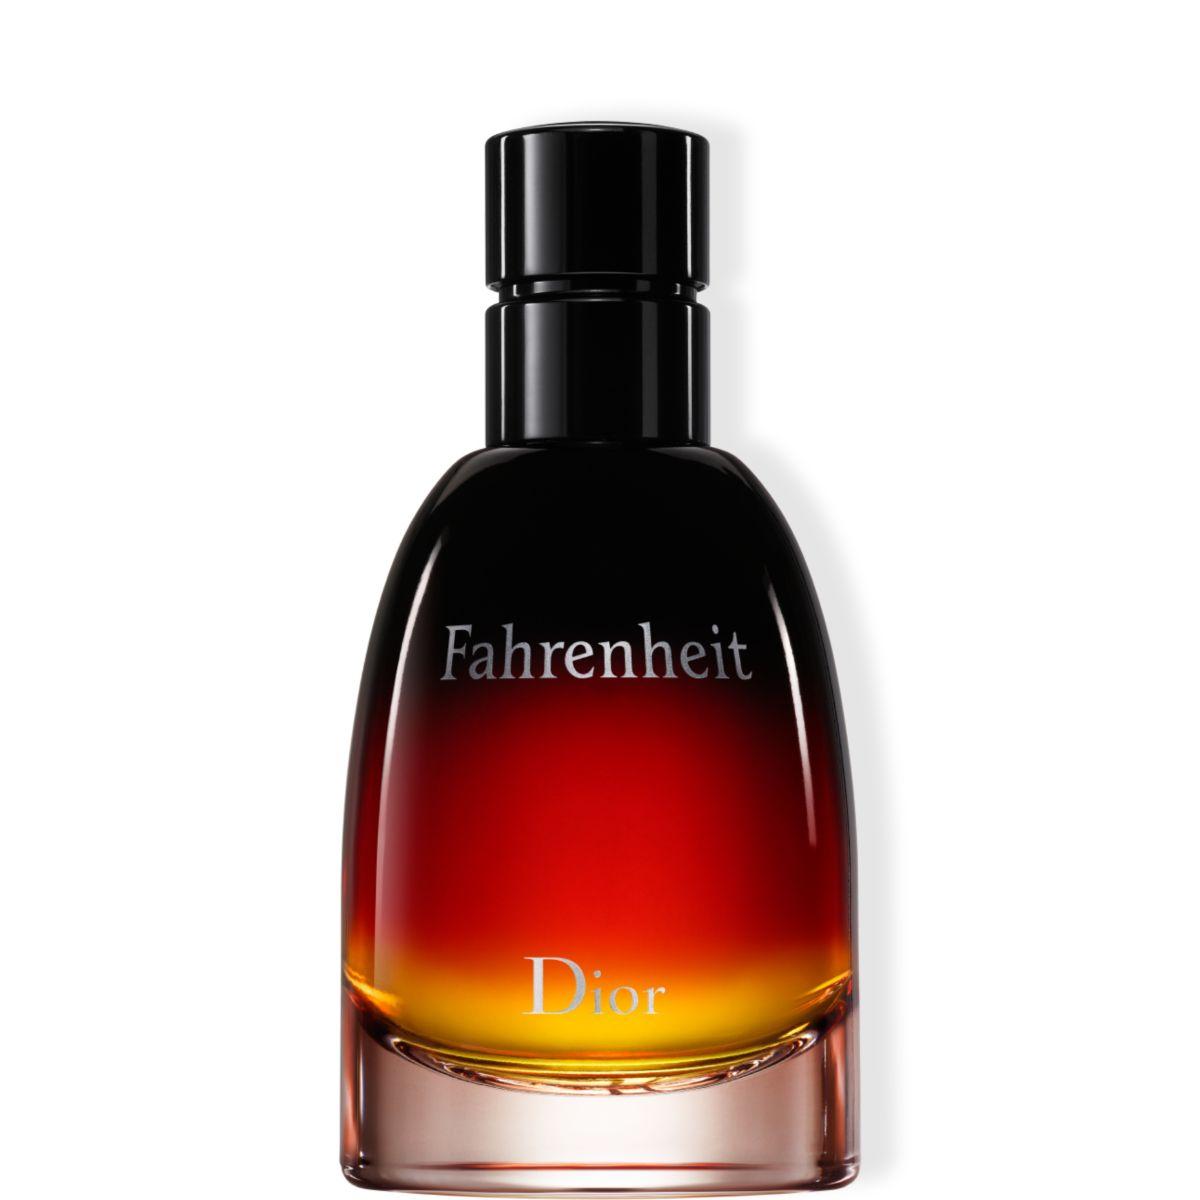 Dior - Fahrenheit - Parfum - Vaporisateur 75 ml